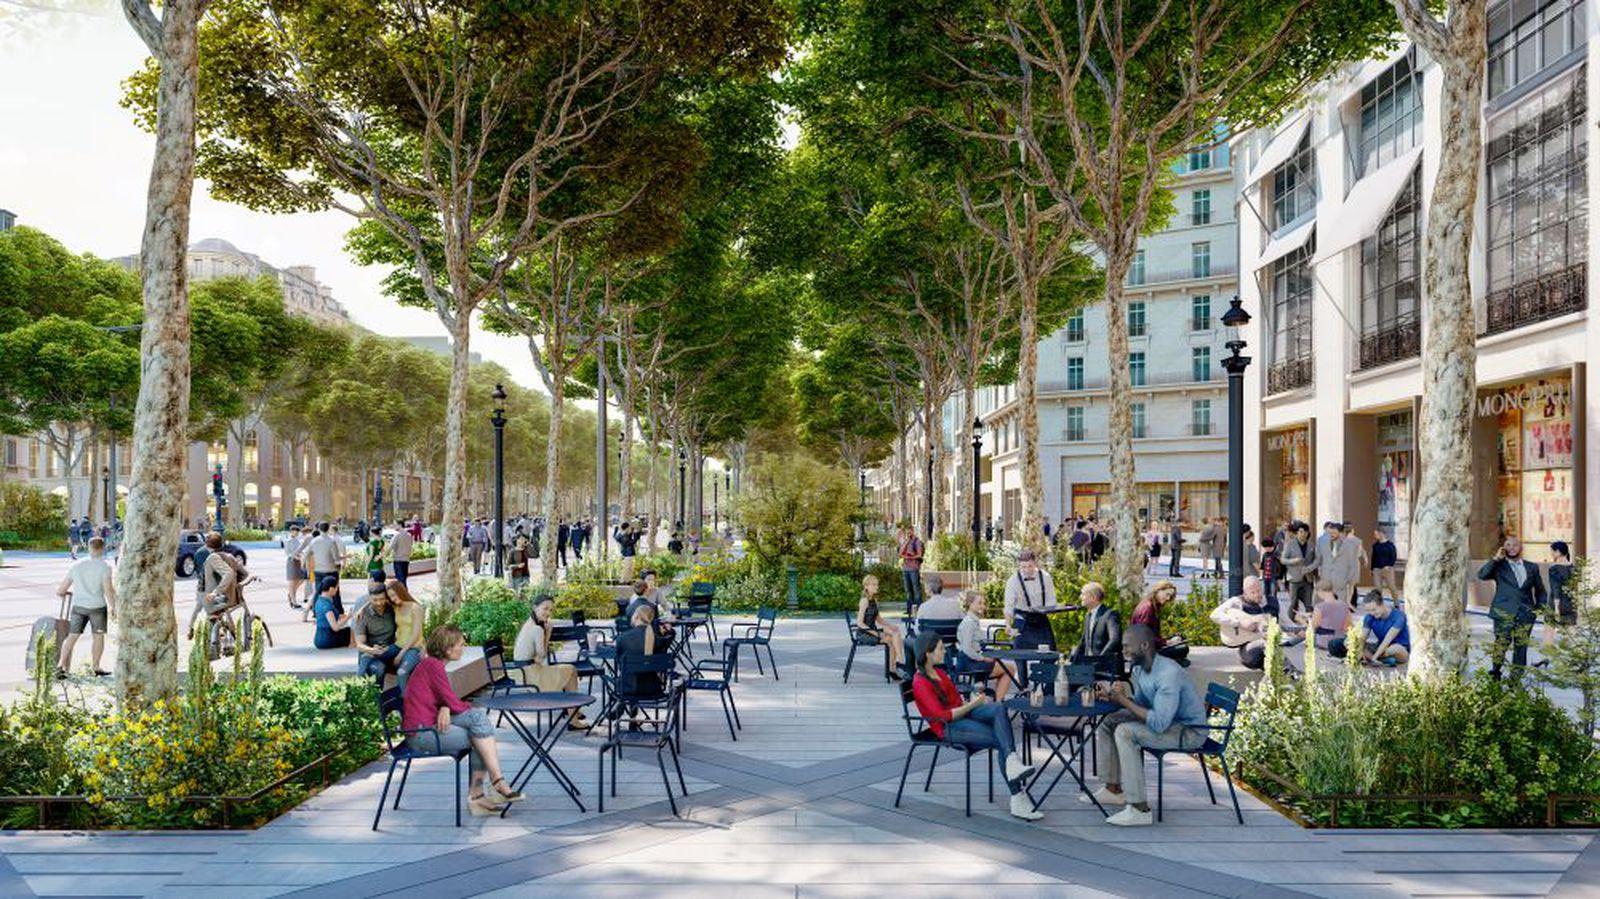 Пролетта во Париз ќе биде поубава од кога и да е: Градот започнува со зелена трансформација